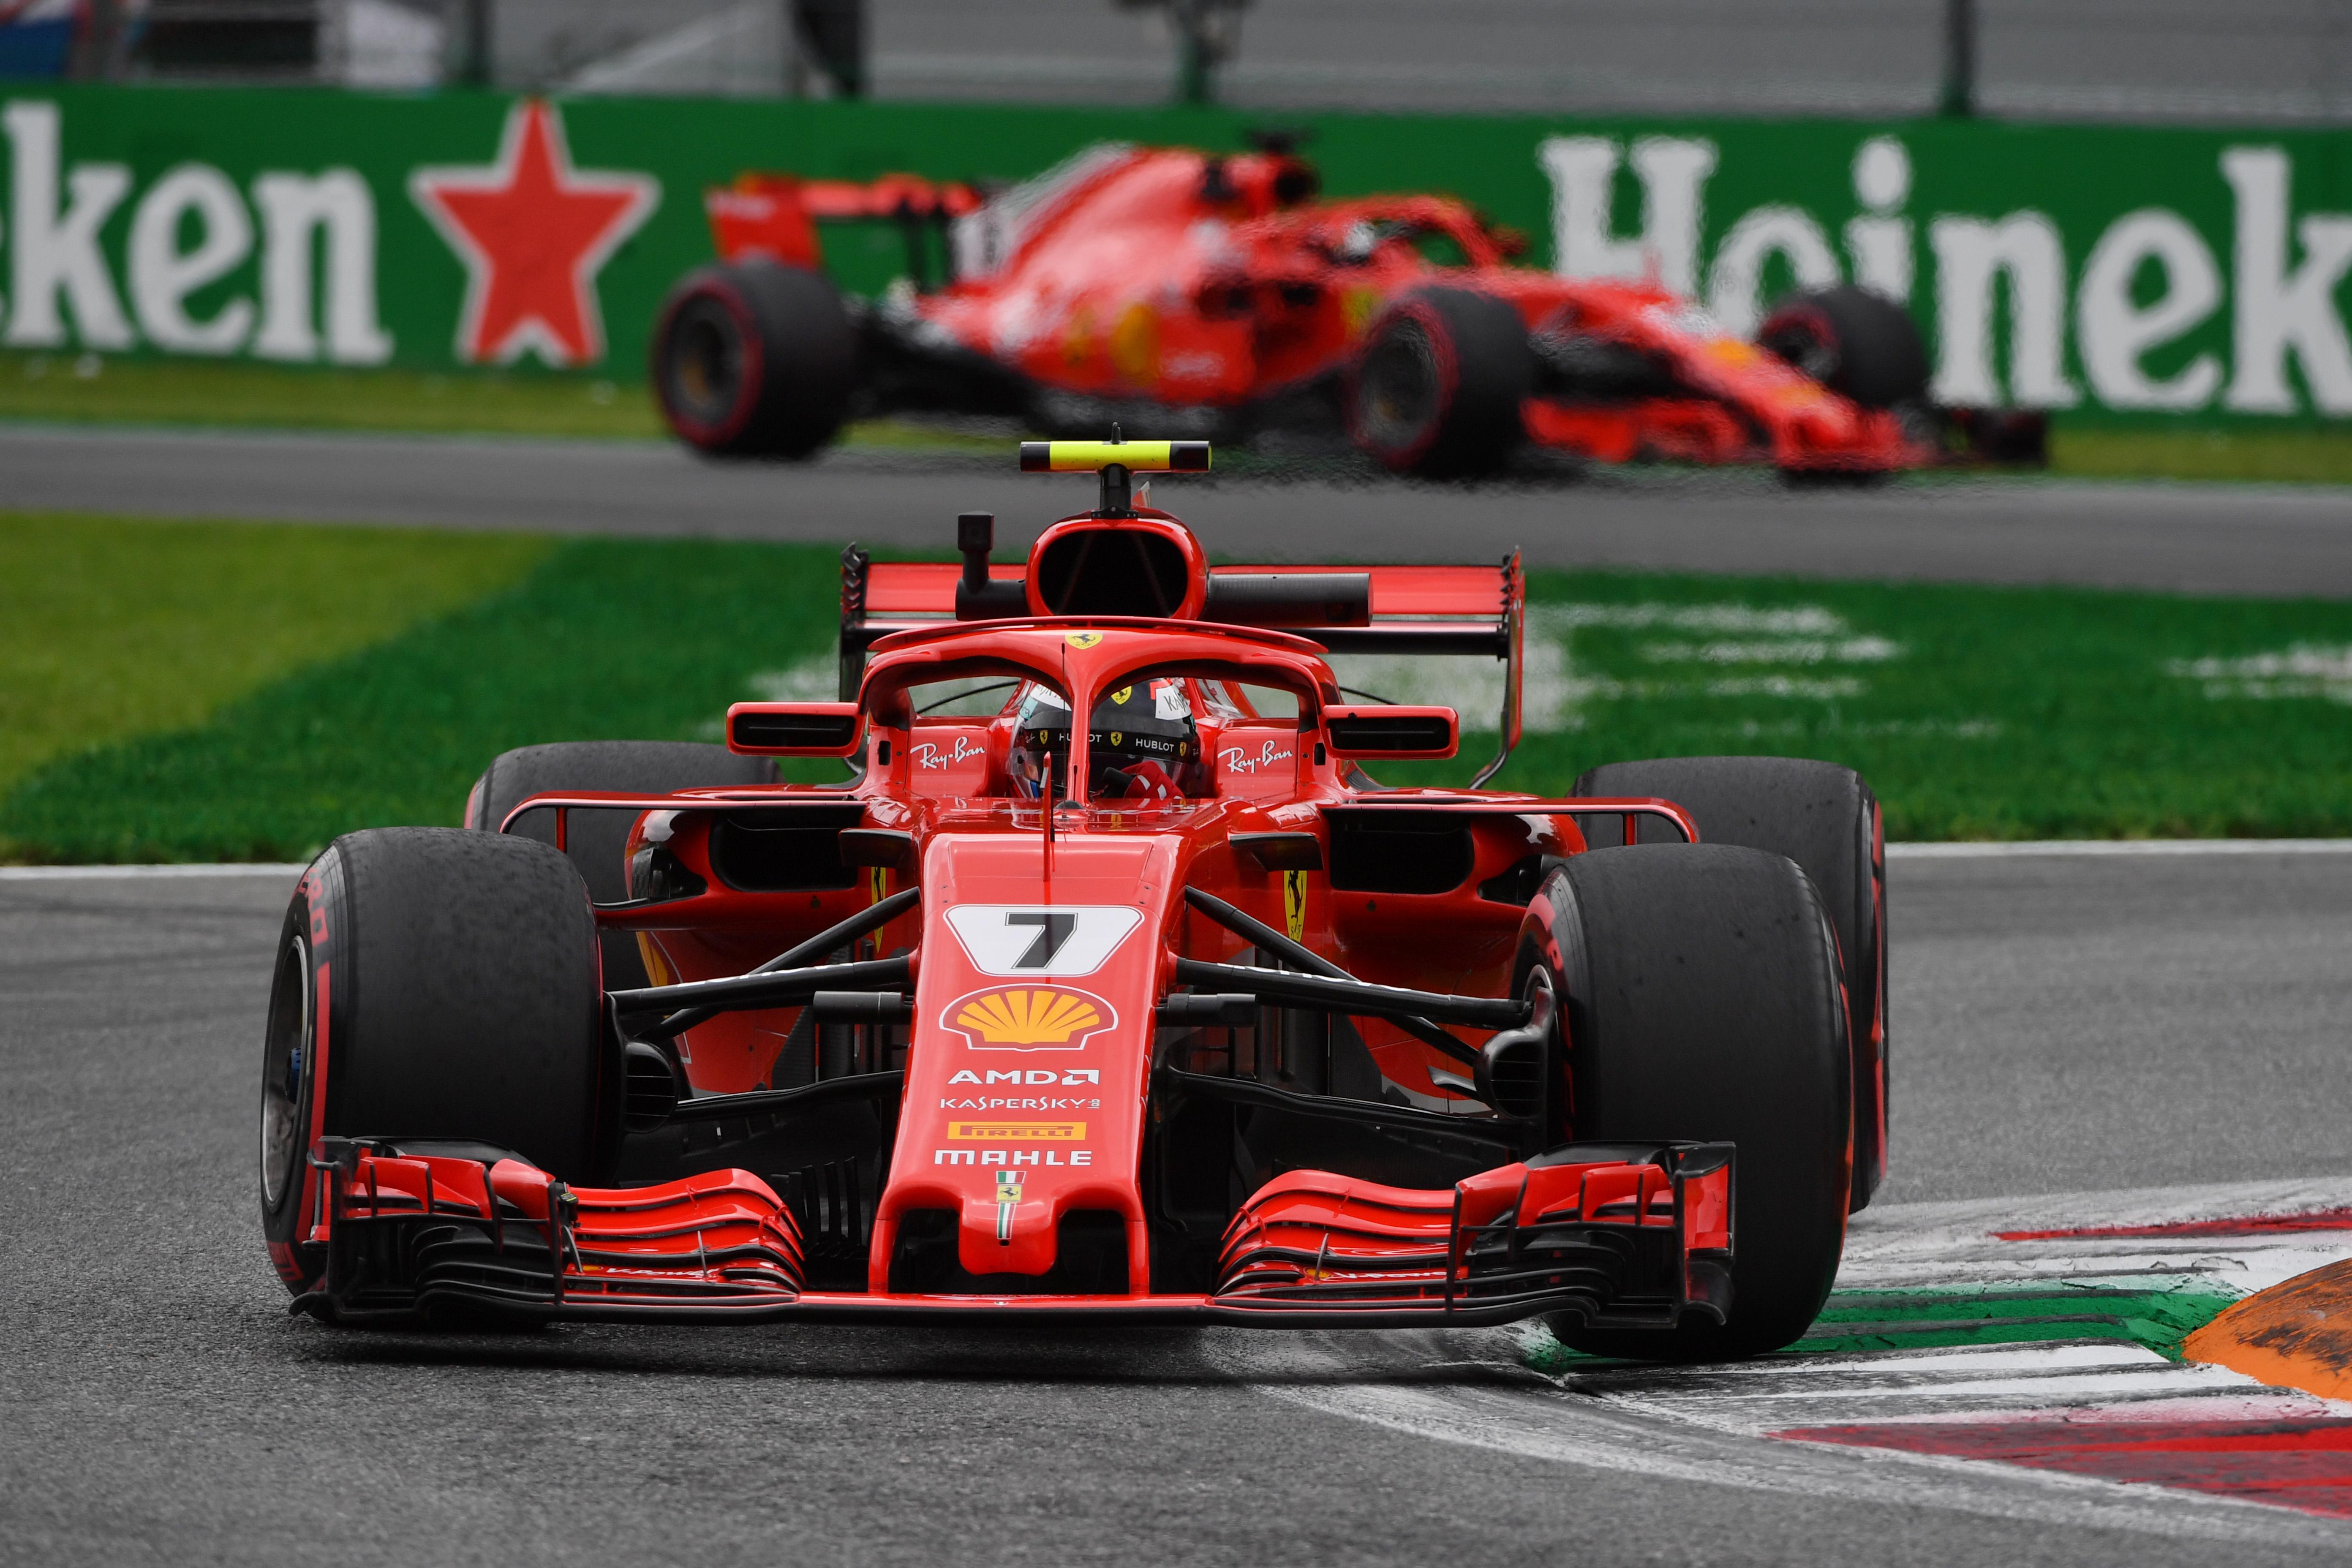 Kimi Raikkonen Scuderia Ferrari Sf71h Marco S Formula 1 Page